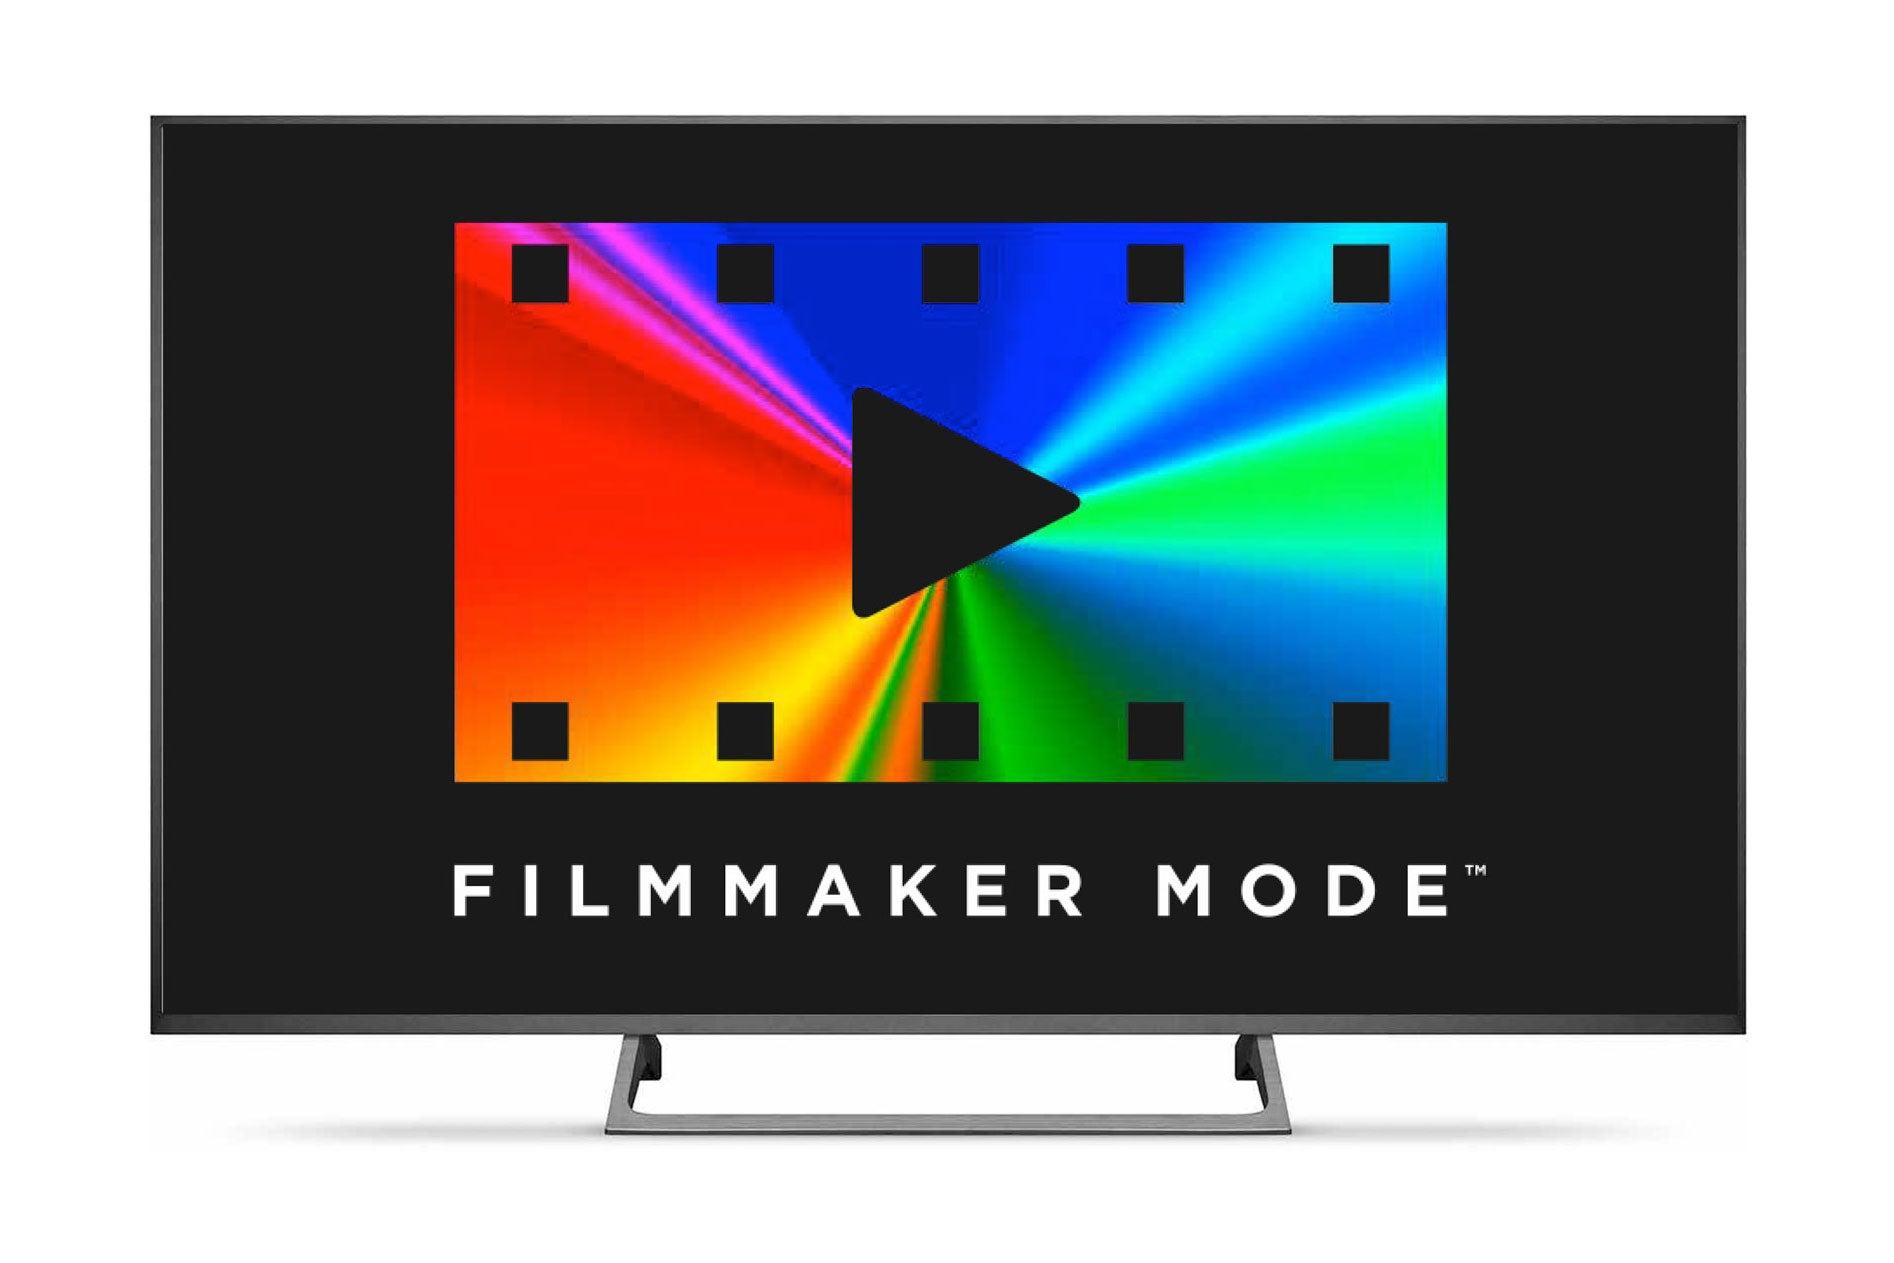 UHD Alliance Filmmaker Mode